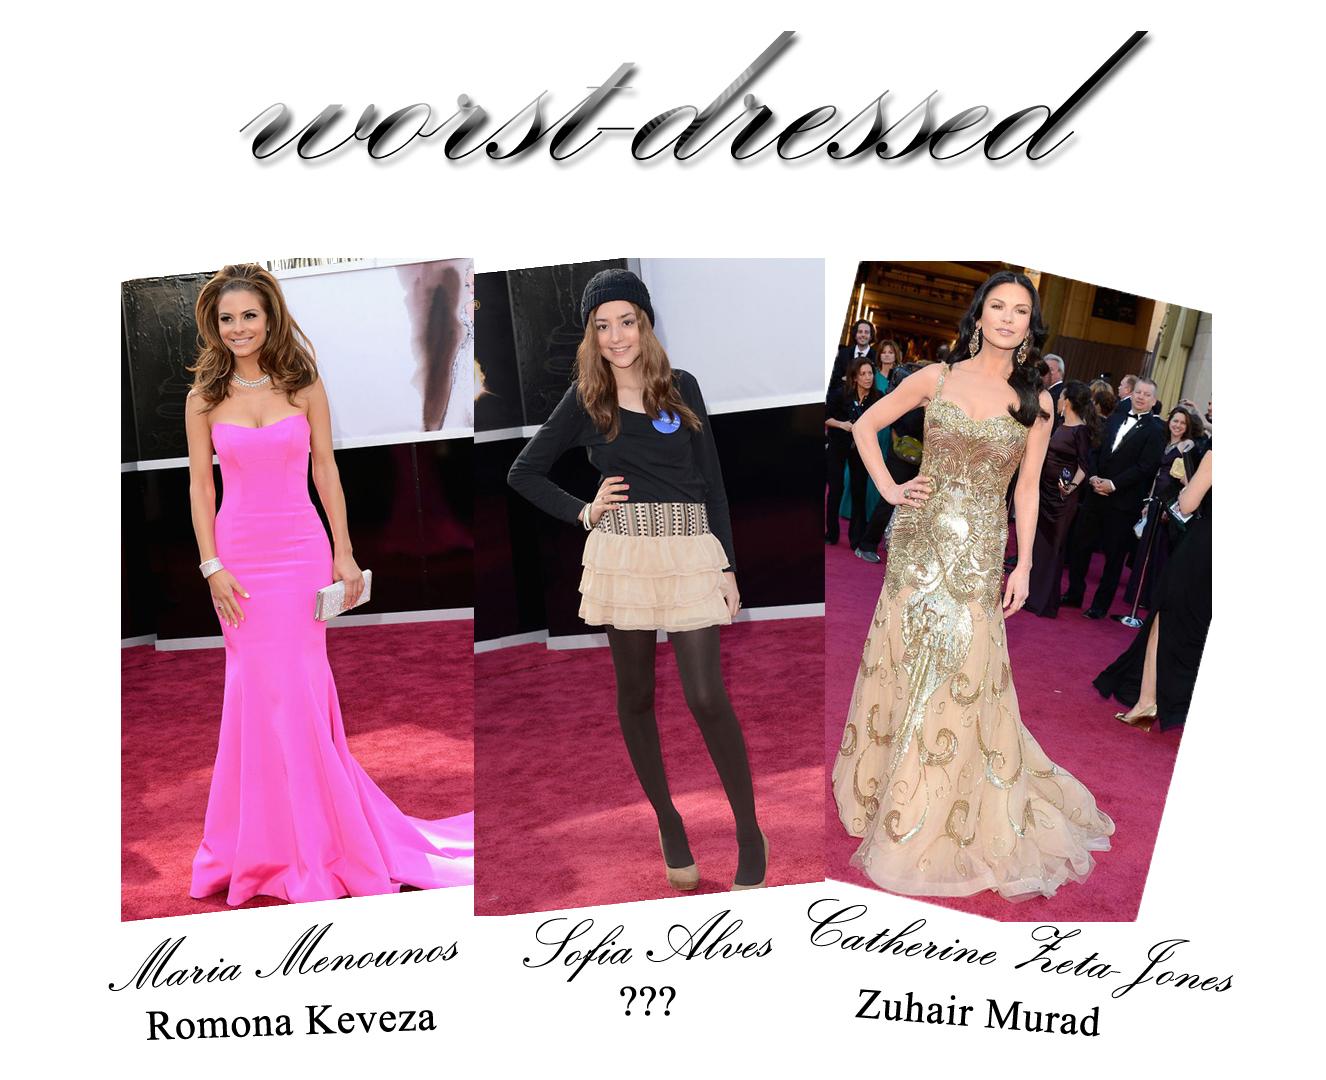 http://3.bp.blogspot.com/-Bl60i5jYCUk/US0ebVx_xOI/AAAAAAAABwk/10ea4ShaOCs/s1600/Oscars+2013+worst+dressed+red+carpet.jpg